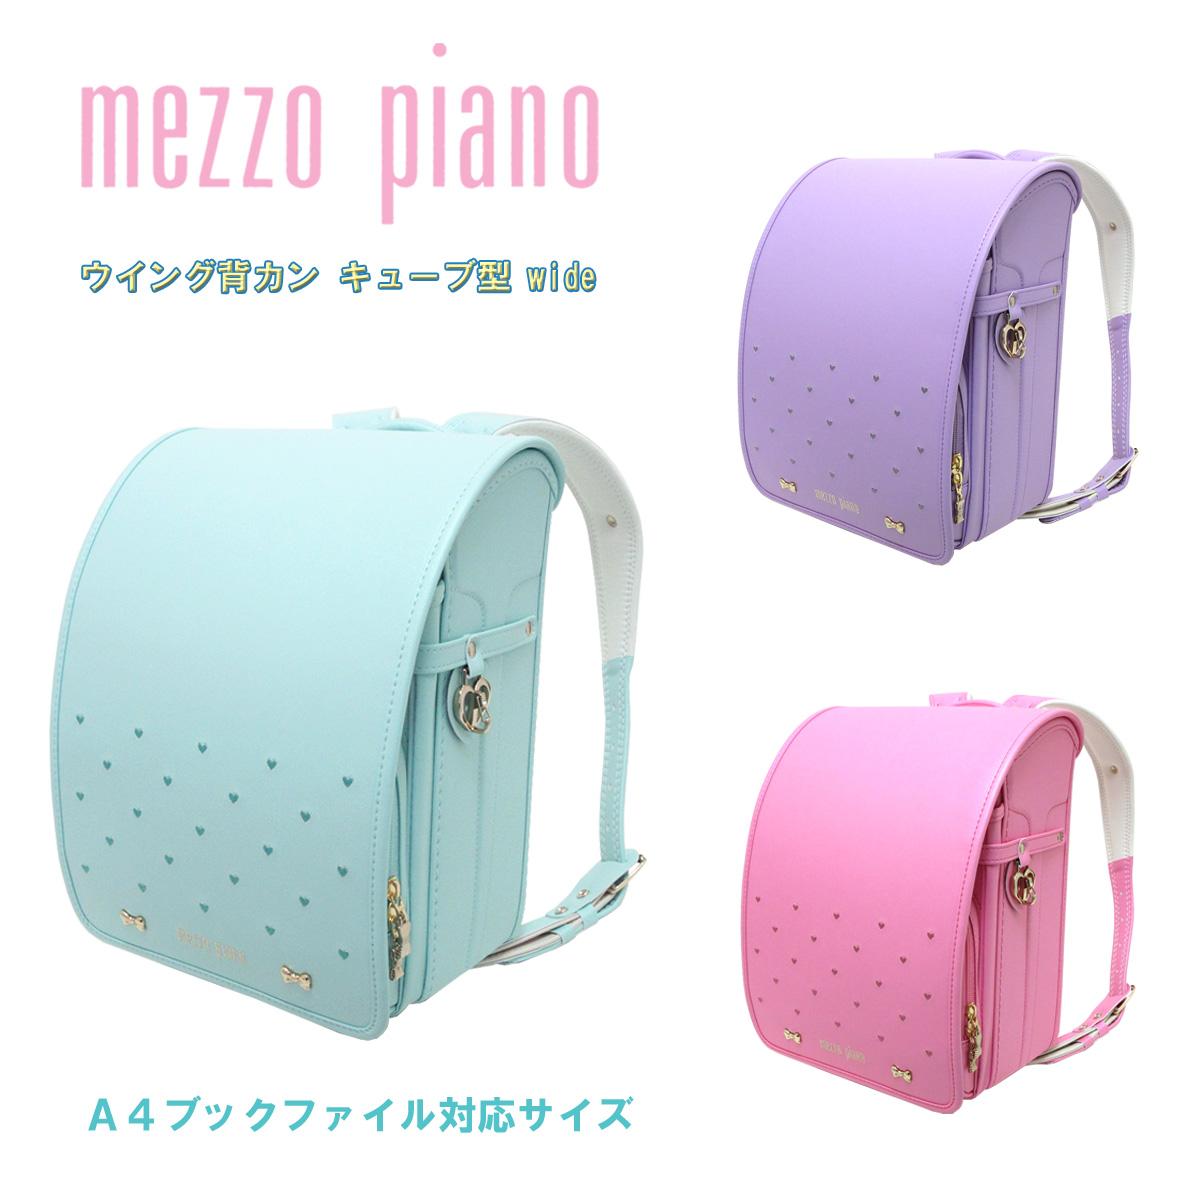 2021年度 ランドセル 女の子 ガールズ mezzo piano メゾピアノ プティハート キューブ型(wide) 12cmマチ ウイング背カン 百貨店モデル 人工皮革 0103-1413 MADE IN JAPAN(日本製)